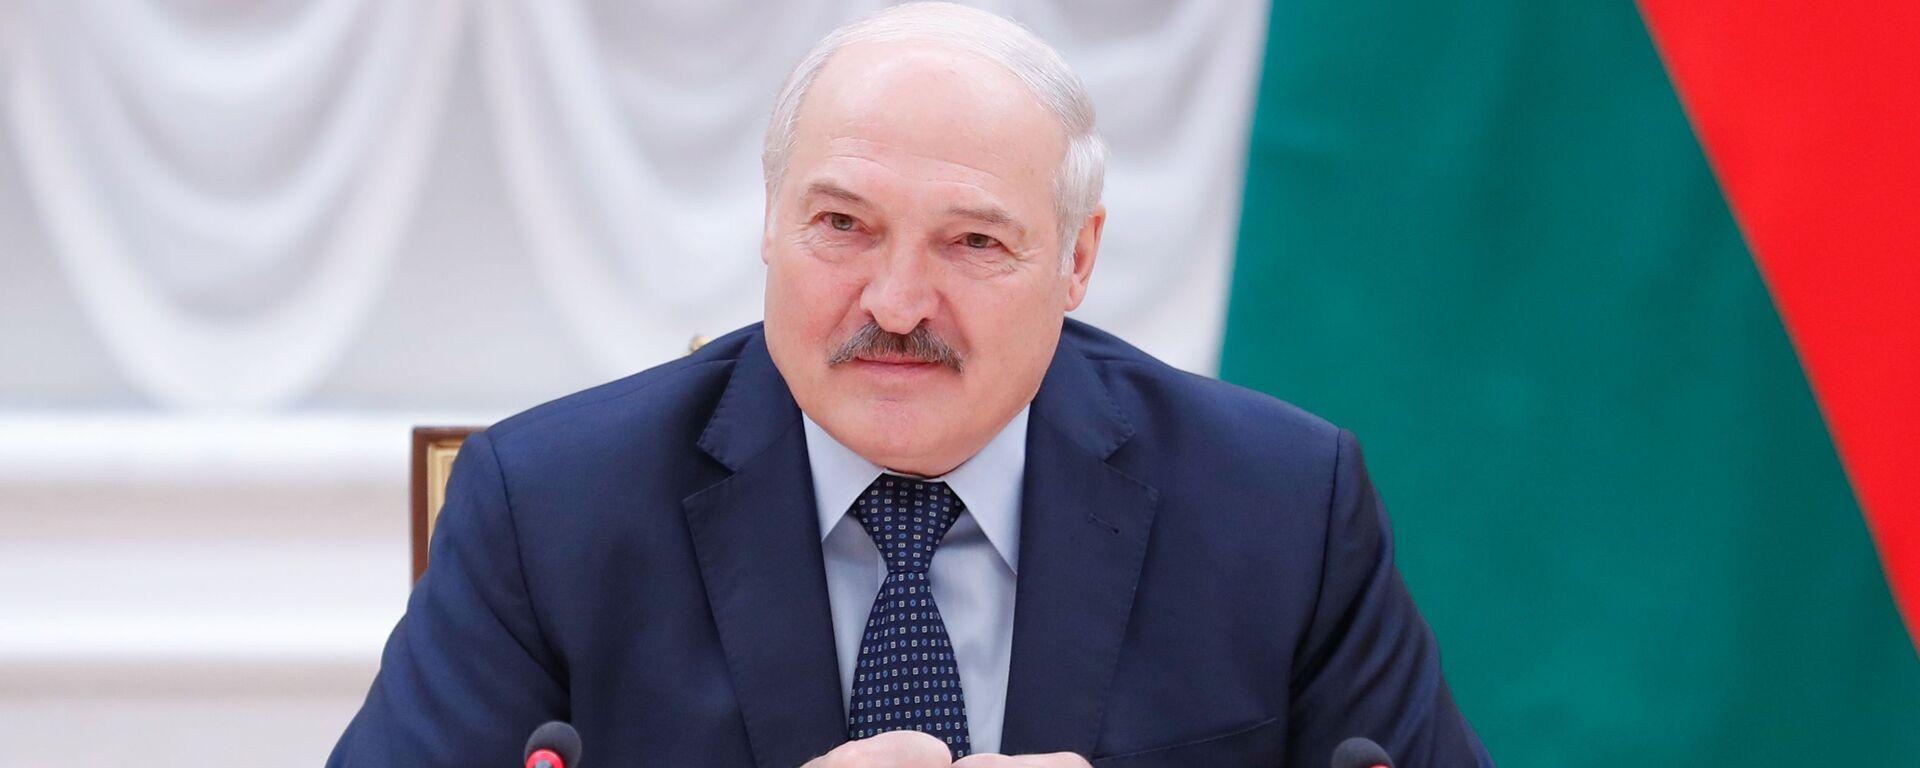 Prezydent Białorusi Aleksandr Łukaszenka. - Sputnik Polska, 1920, 30.07.2021